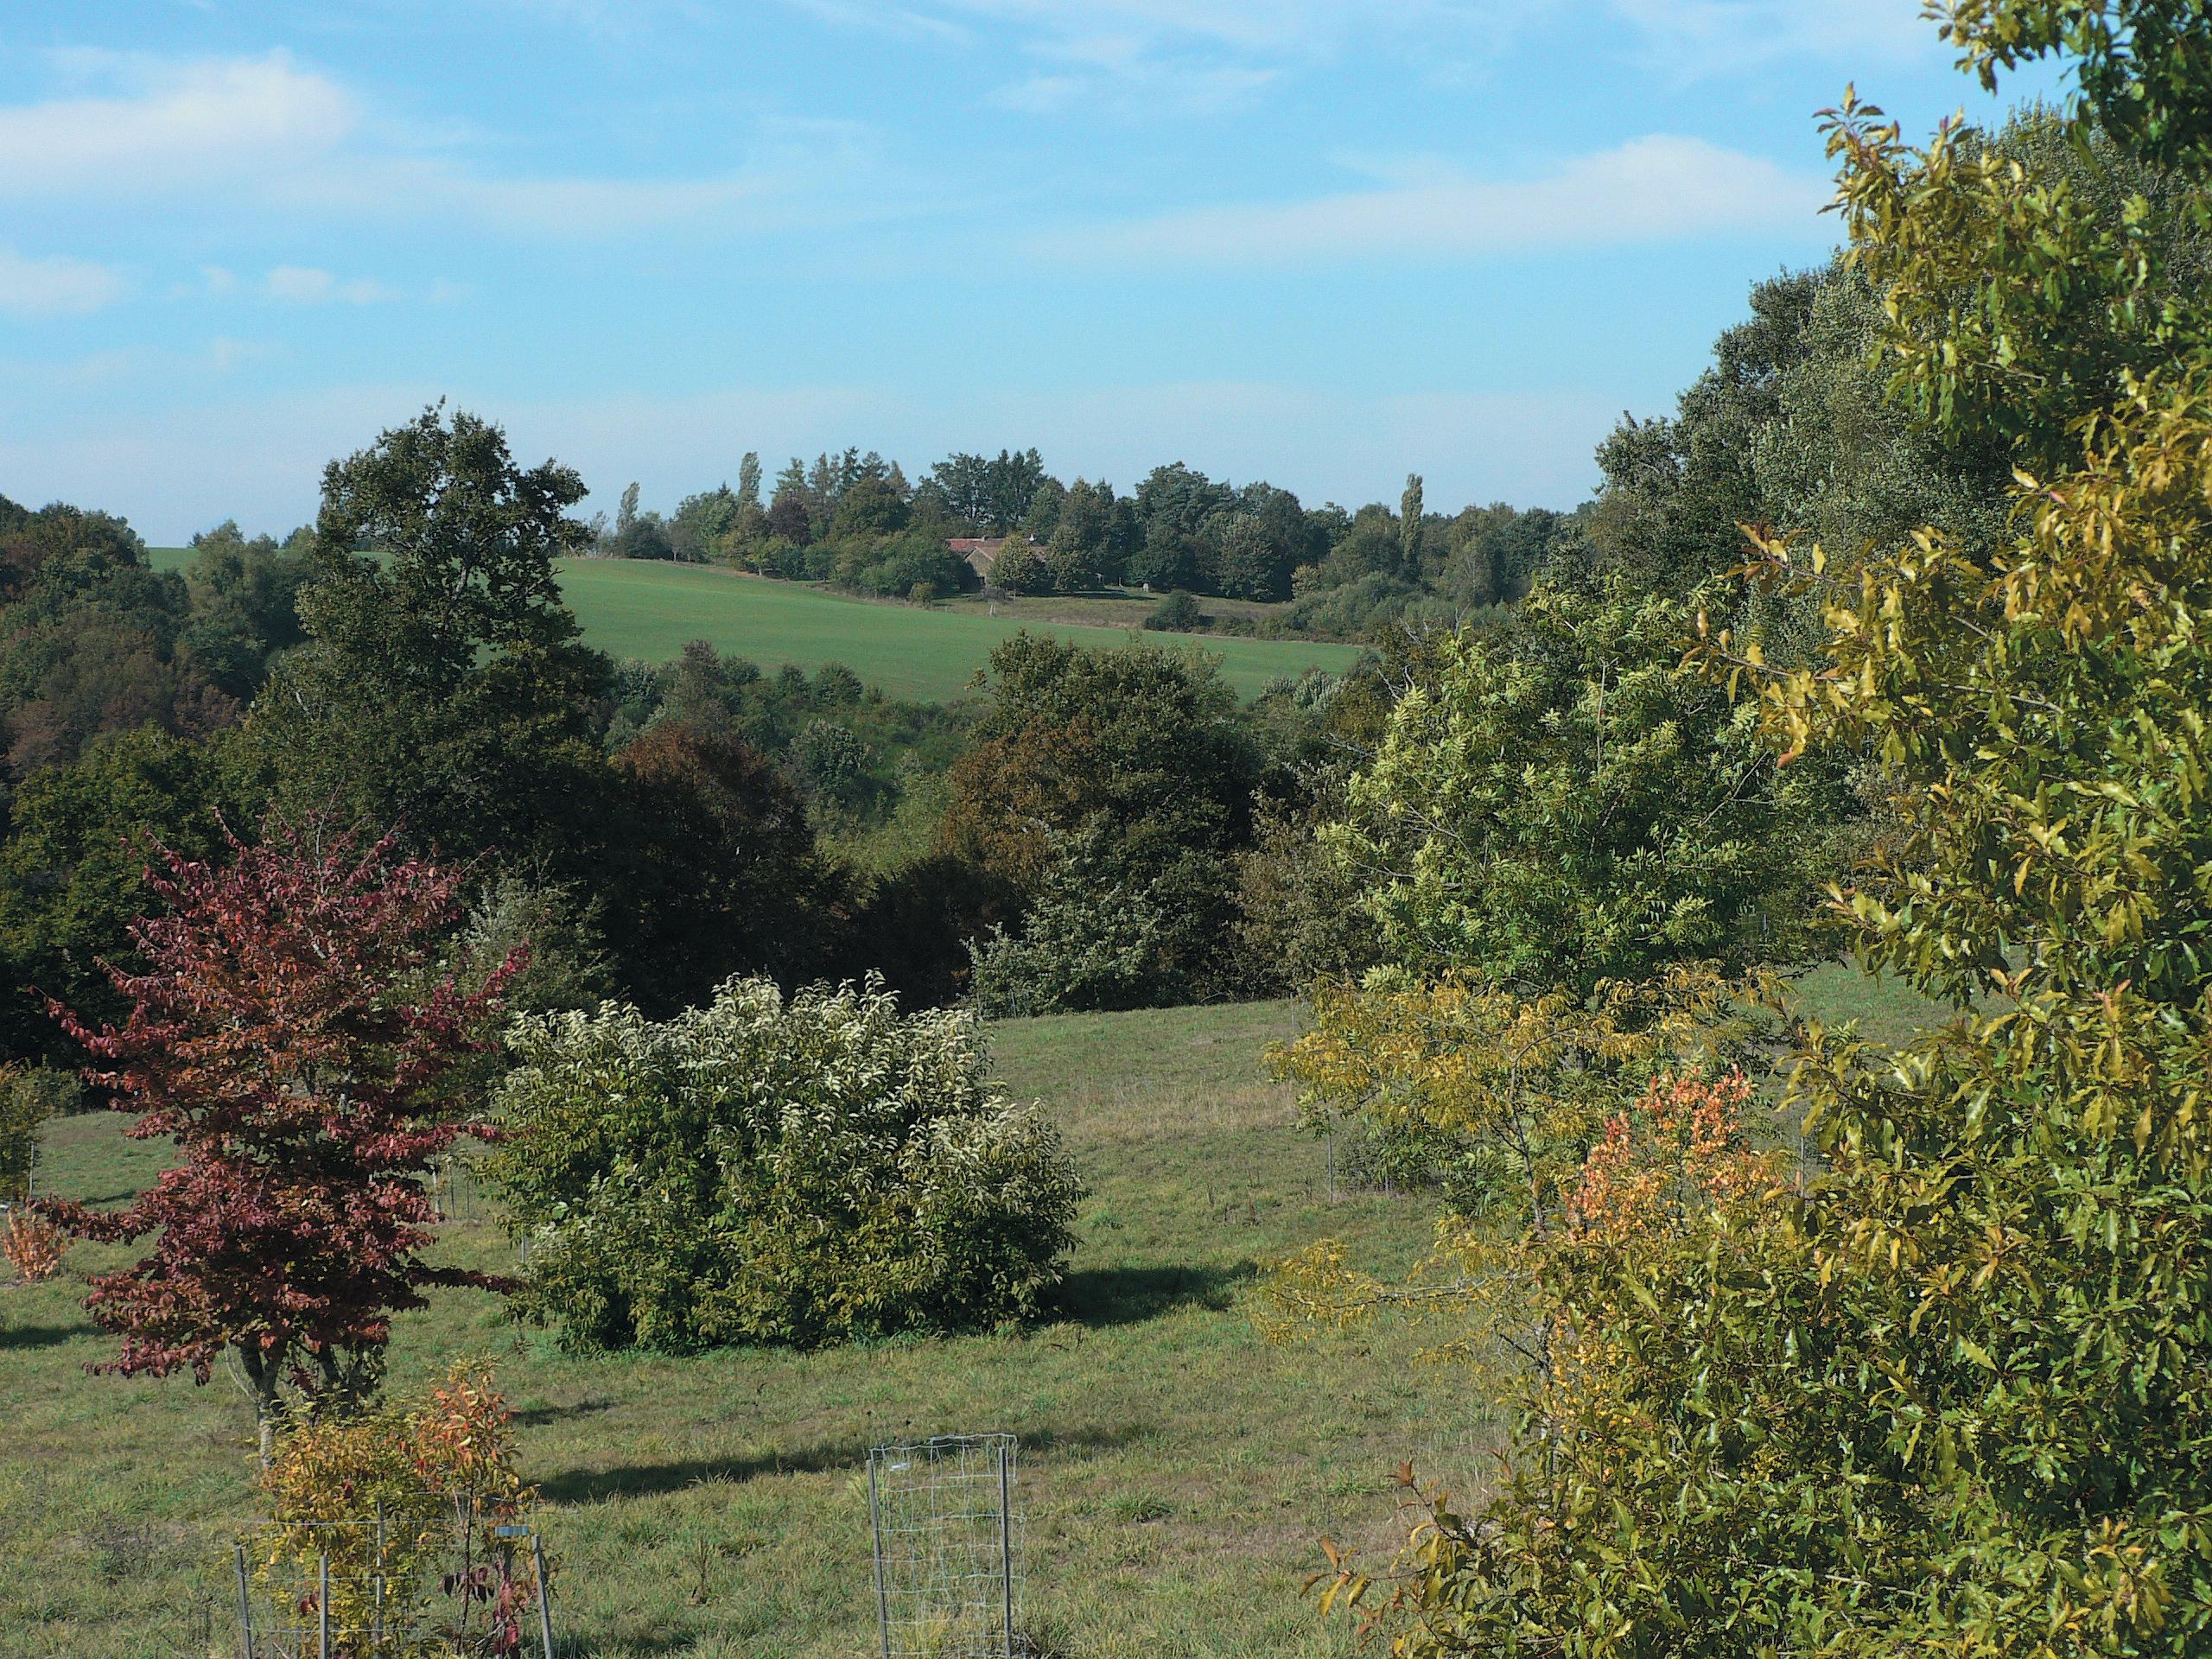 A color photo of the Arboretum des Pouyouleix.